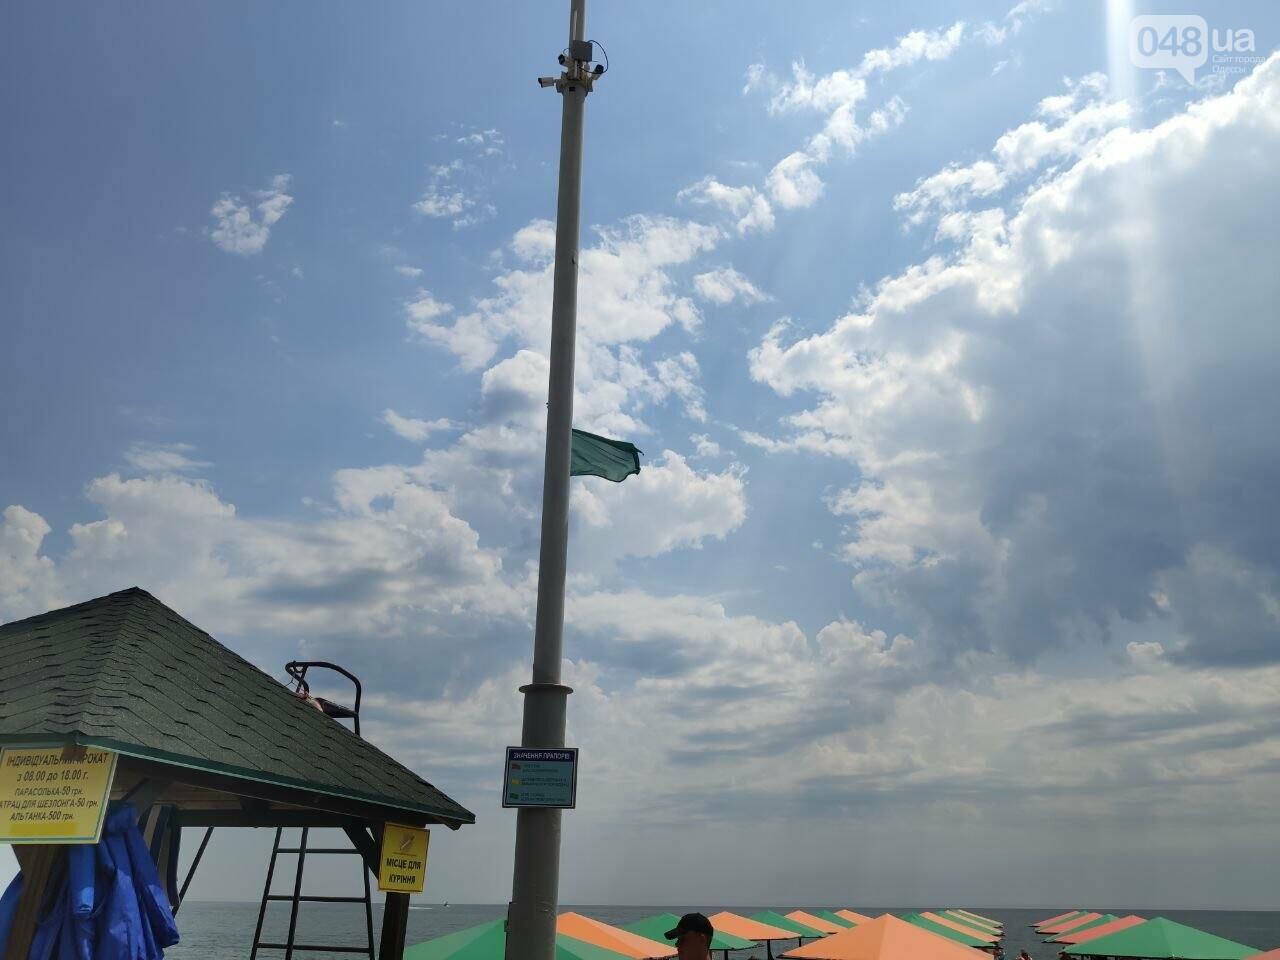 Пляж на Совиньоне под Одессой: что находится на закрытой территории и как туда попасть, - ФОТО, фото-12